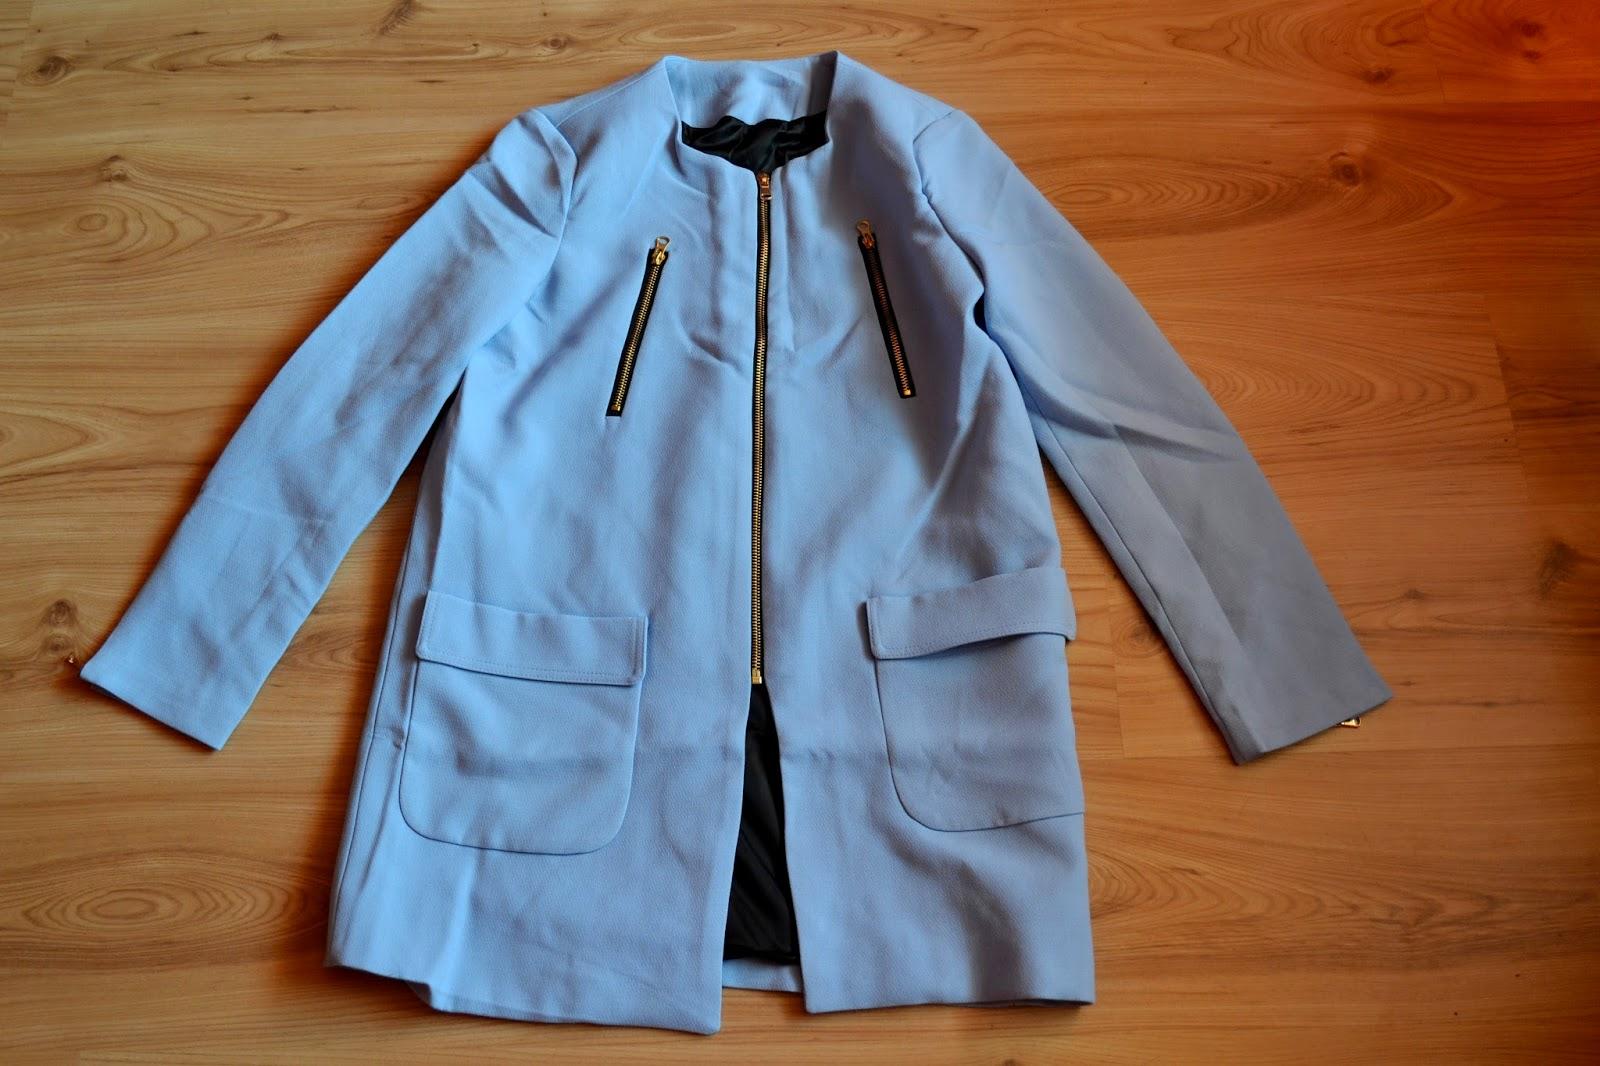 płaszcz na jesień, moda jesień 2014, płaszcz baby blue